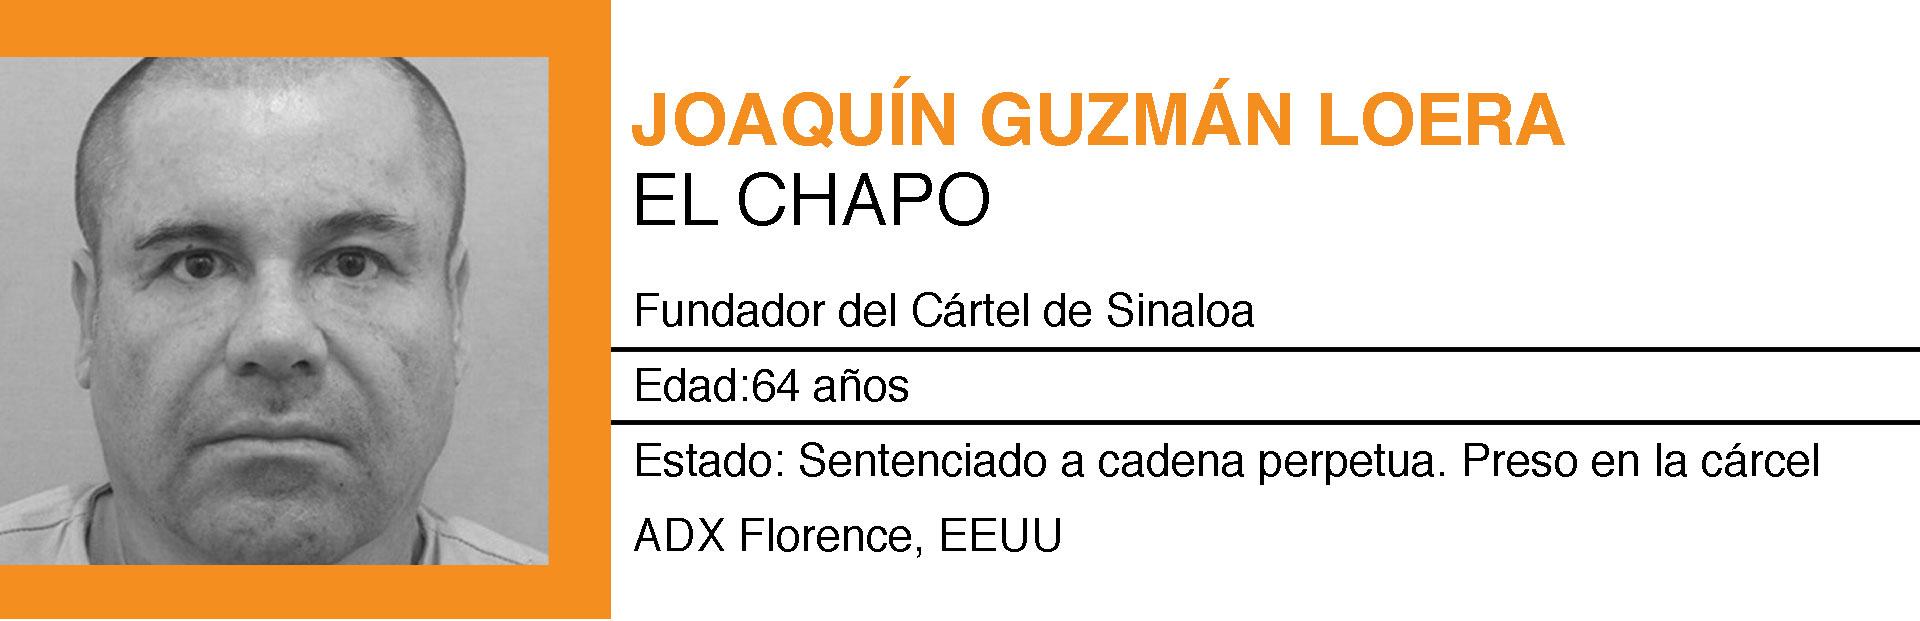 EL 17 de julio de 2019 Joaquín Guzmán Loera fue condenado a cadena perpetua por delitos de narcotráfico, más 30 años por violencia con armas y otros 20 por lavado de activos